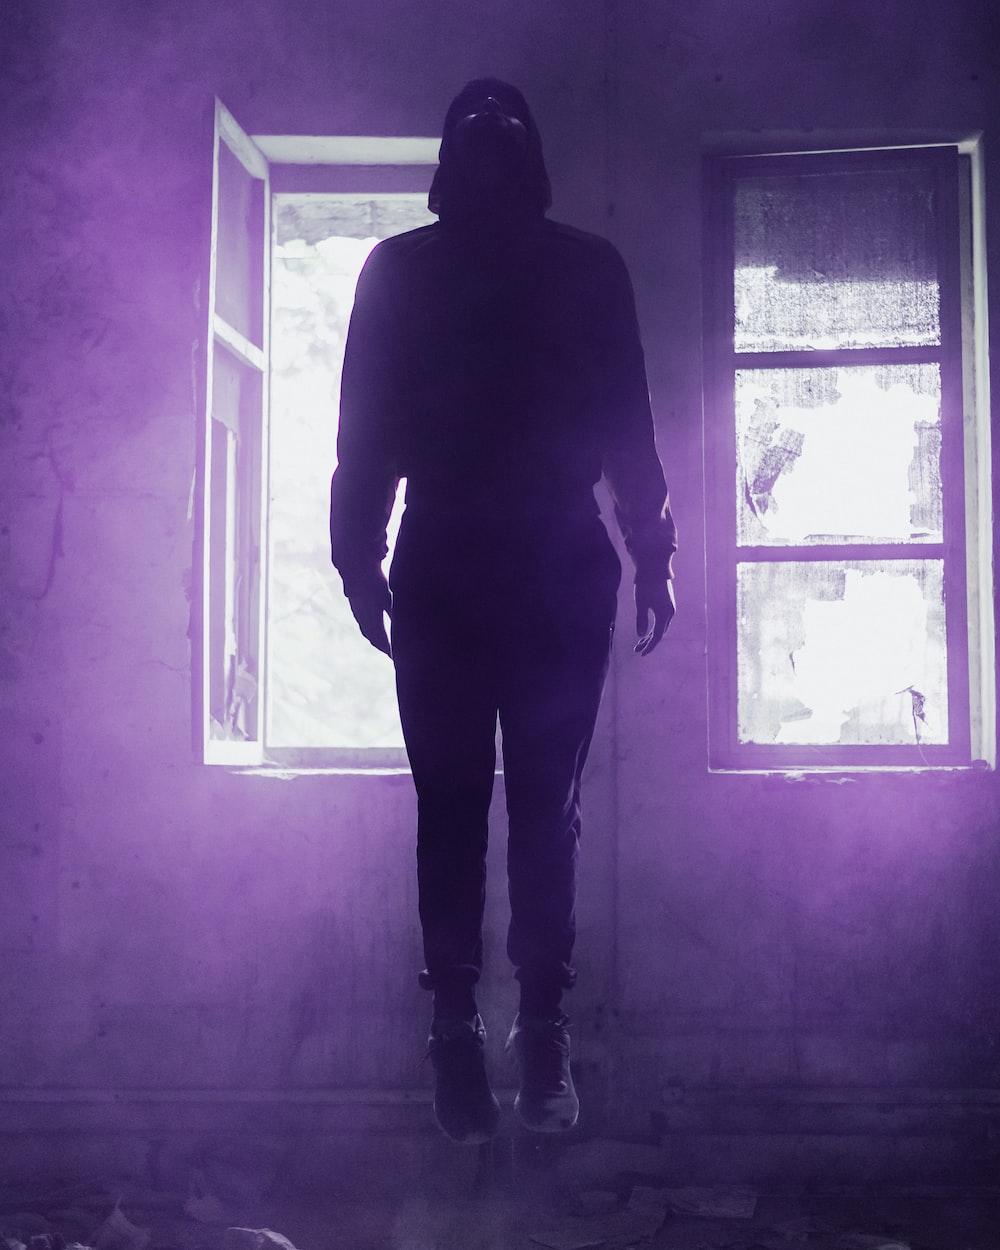 man in black pants beside window